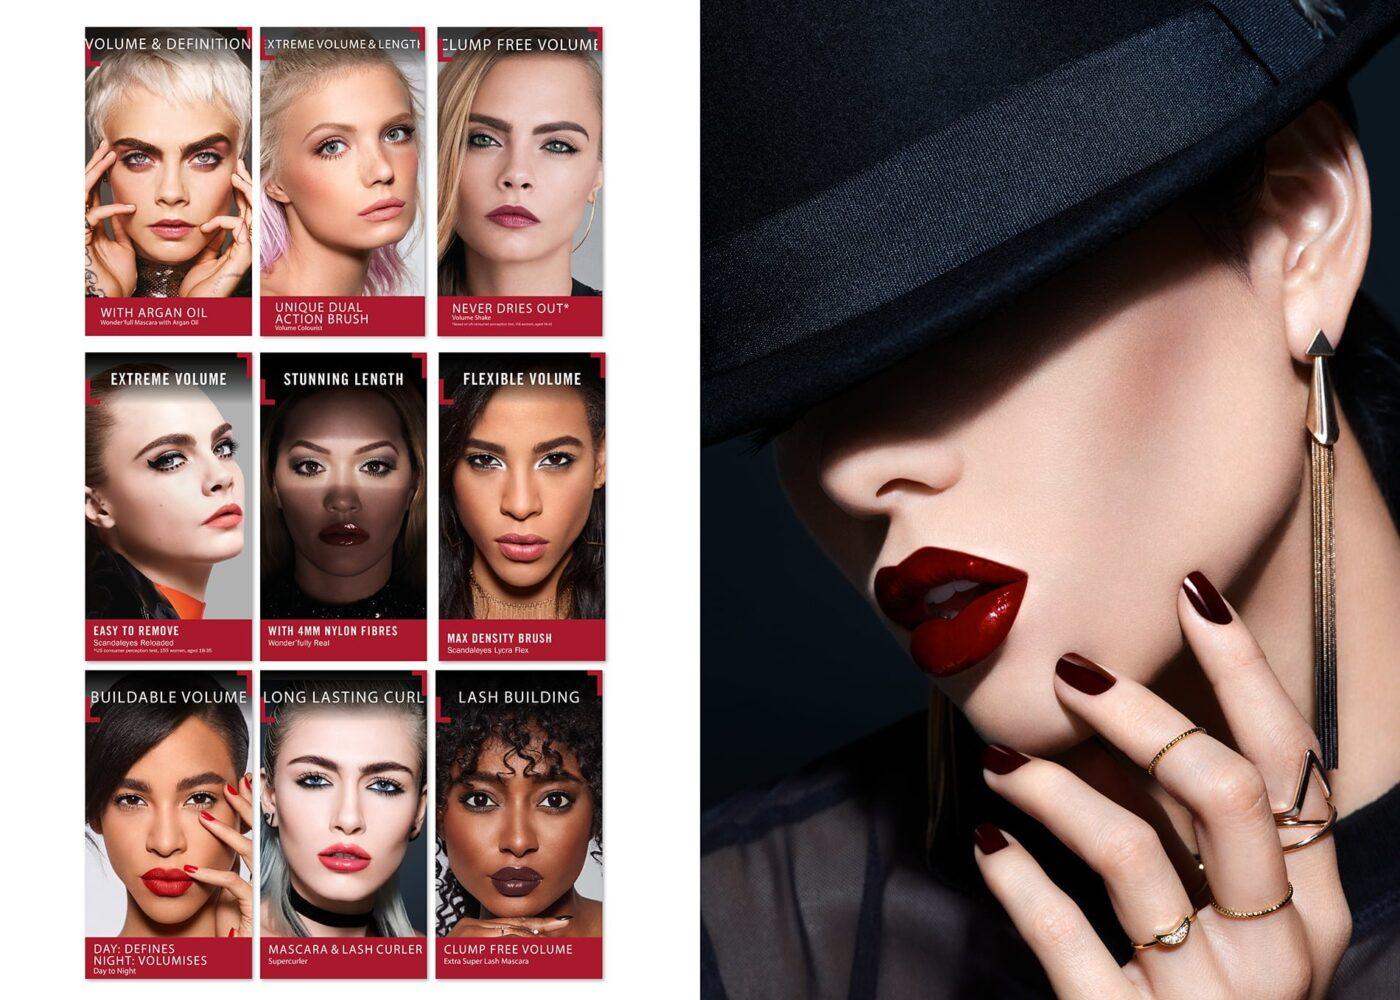 POS for rimmel london lipstick range